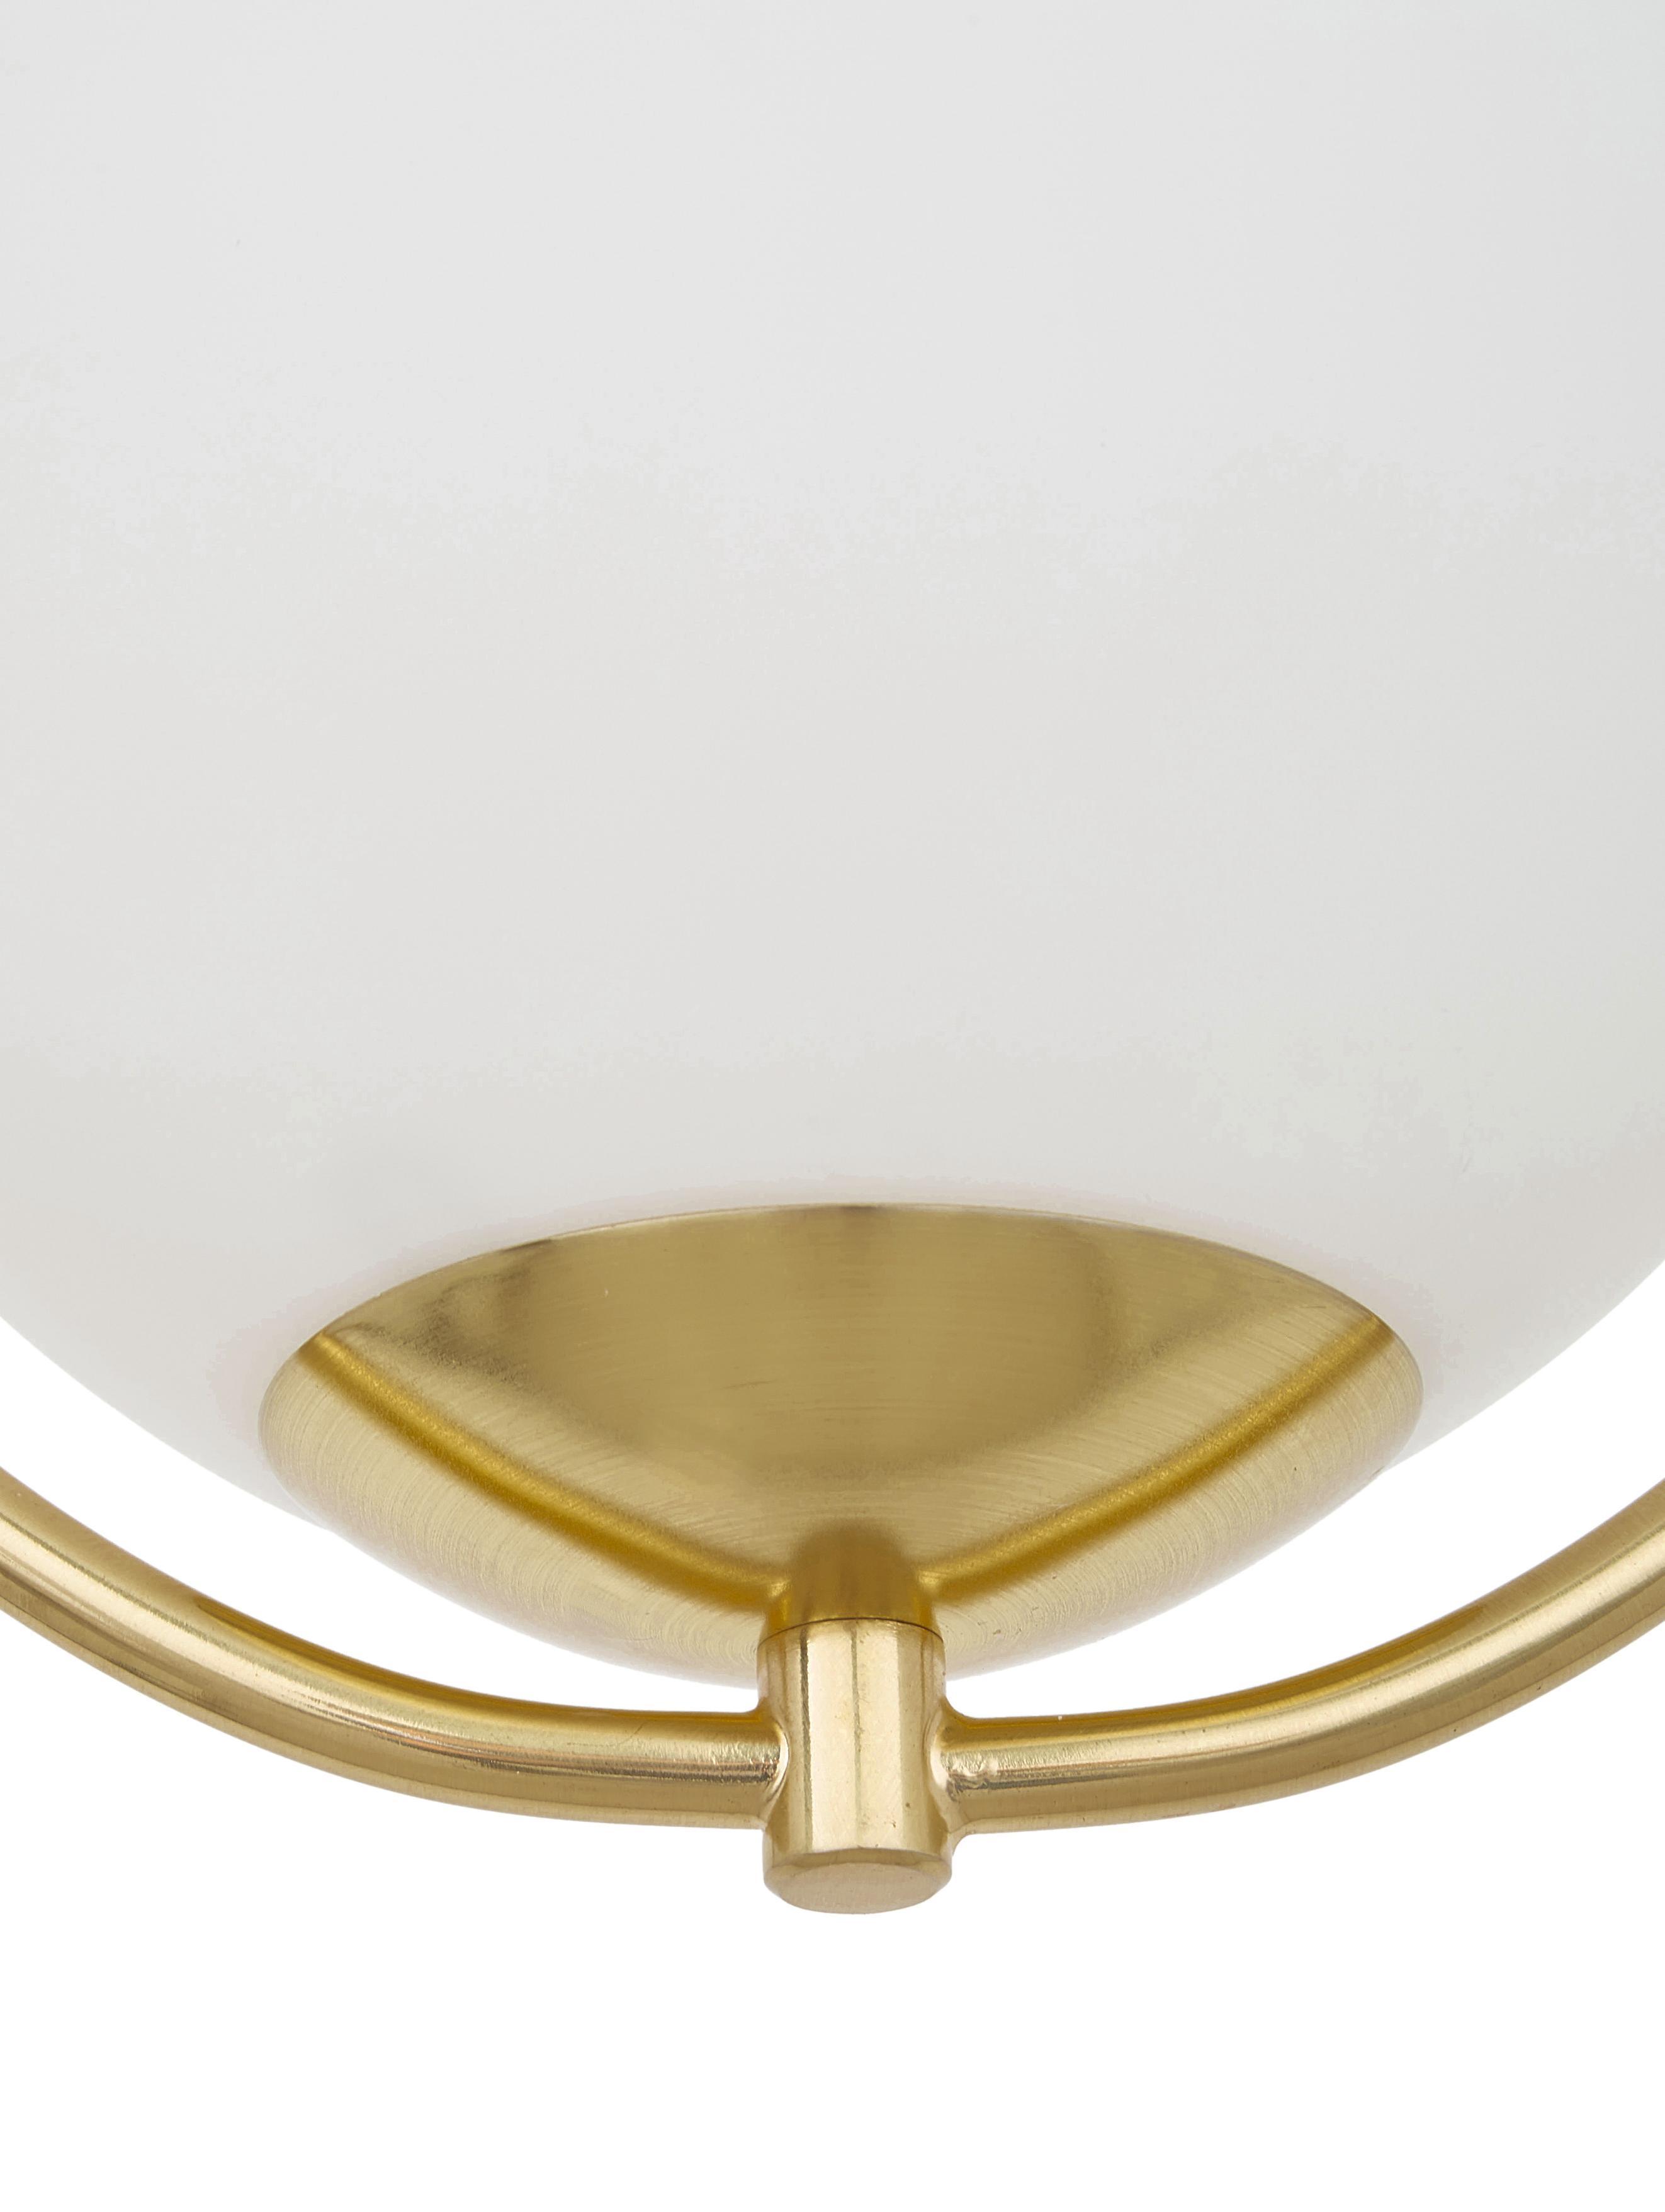 Suspension verre opalescent, petite taille Avalon, Blanc, couleur dorée